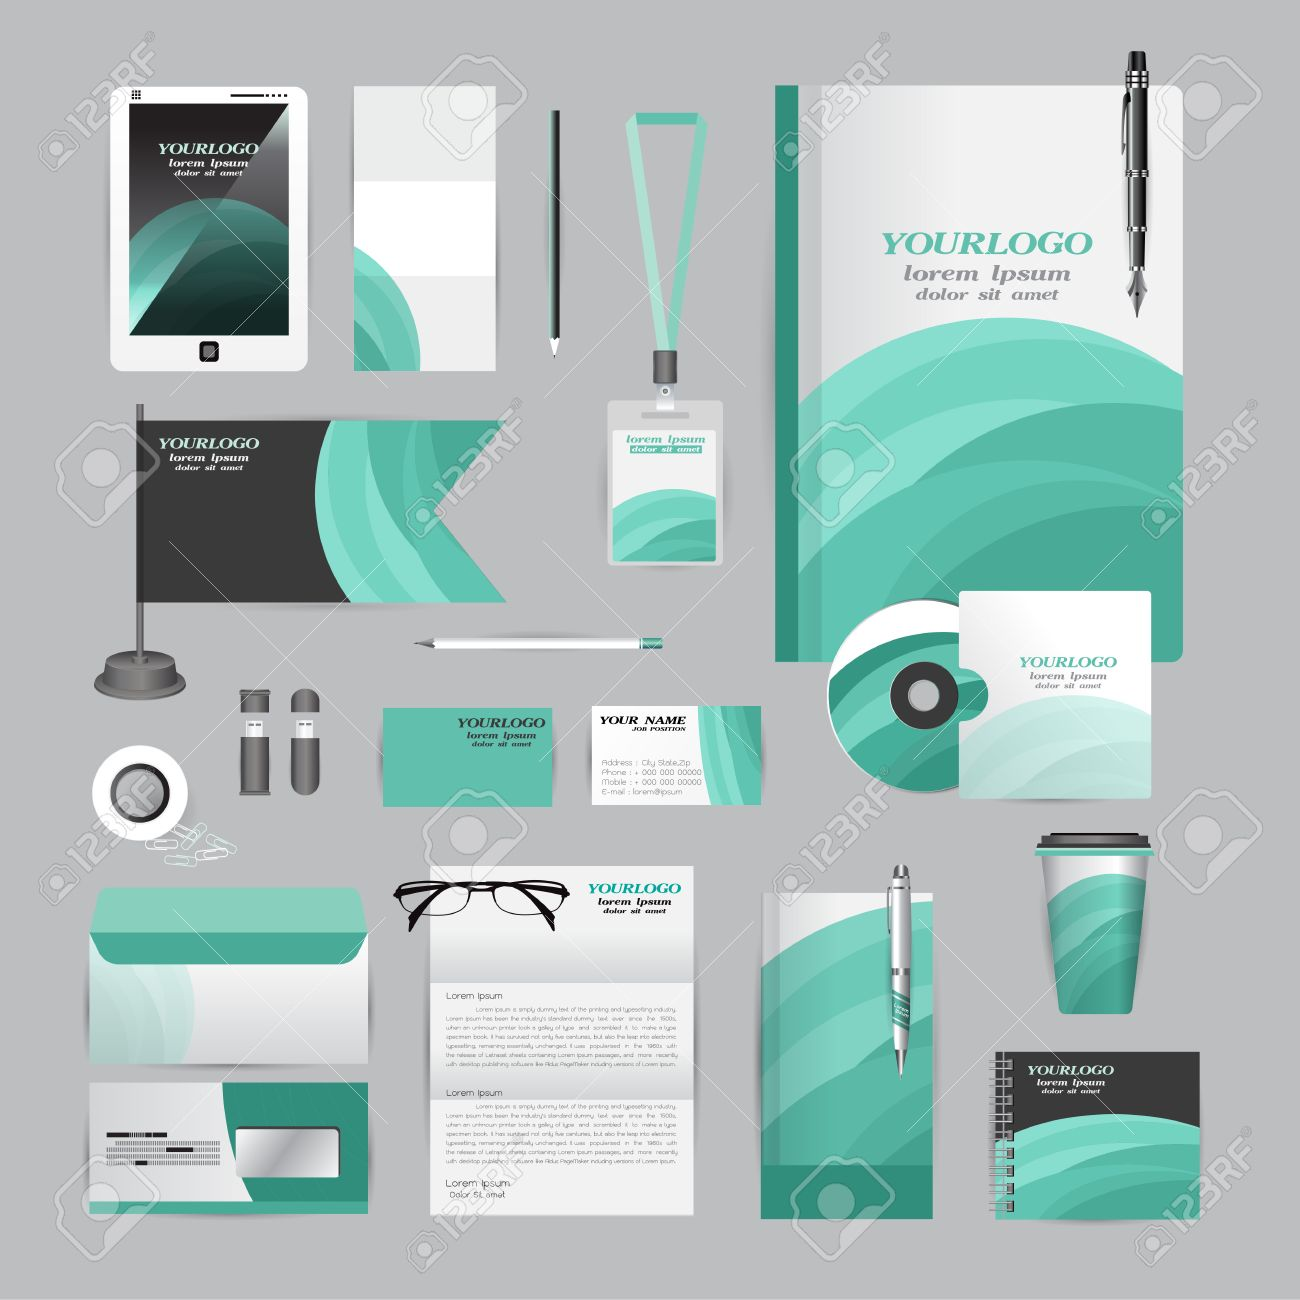 Vector Societe Style Pour BrandBook Ligne Directrice Et Stylos Tasses CD Livres Cartes De Visite A En Tete Drapeau Carte Portfolio Employes Lecteur Flash